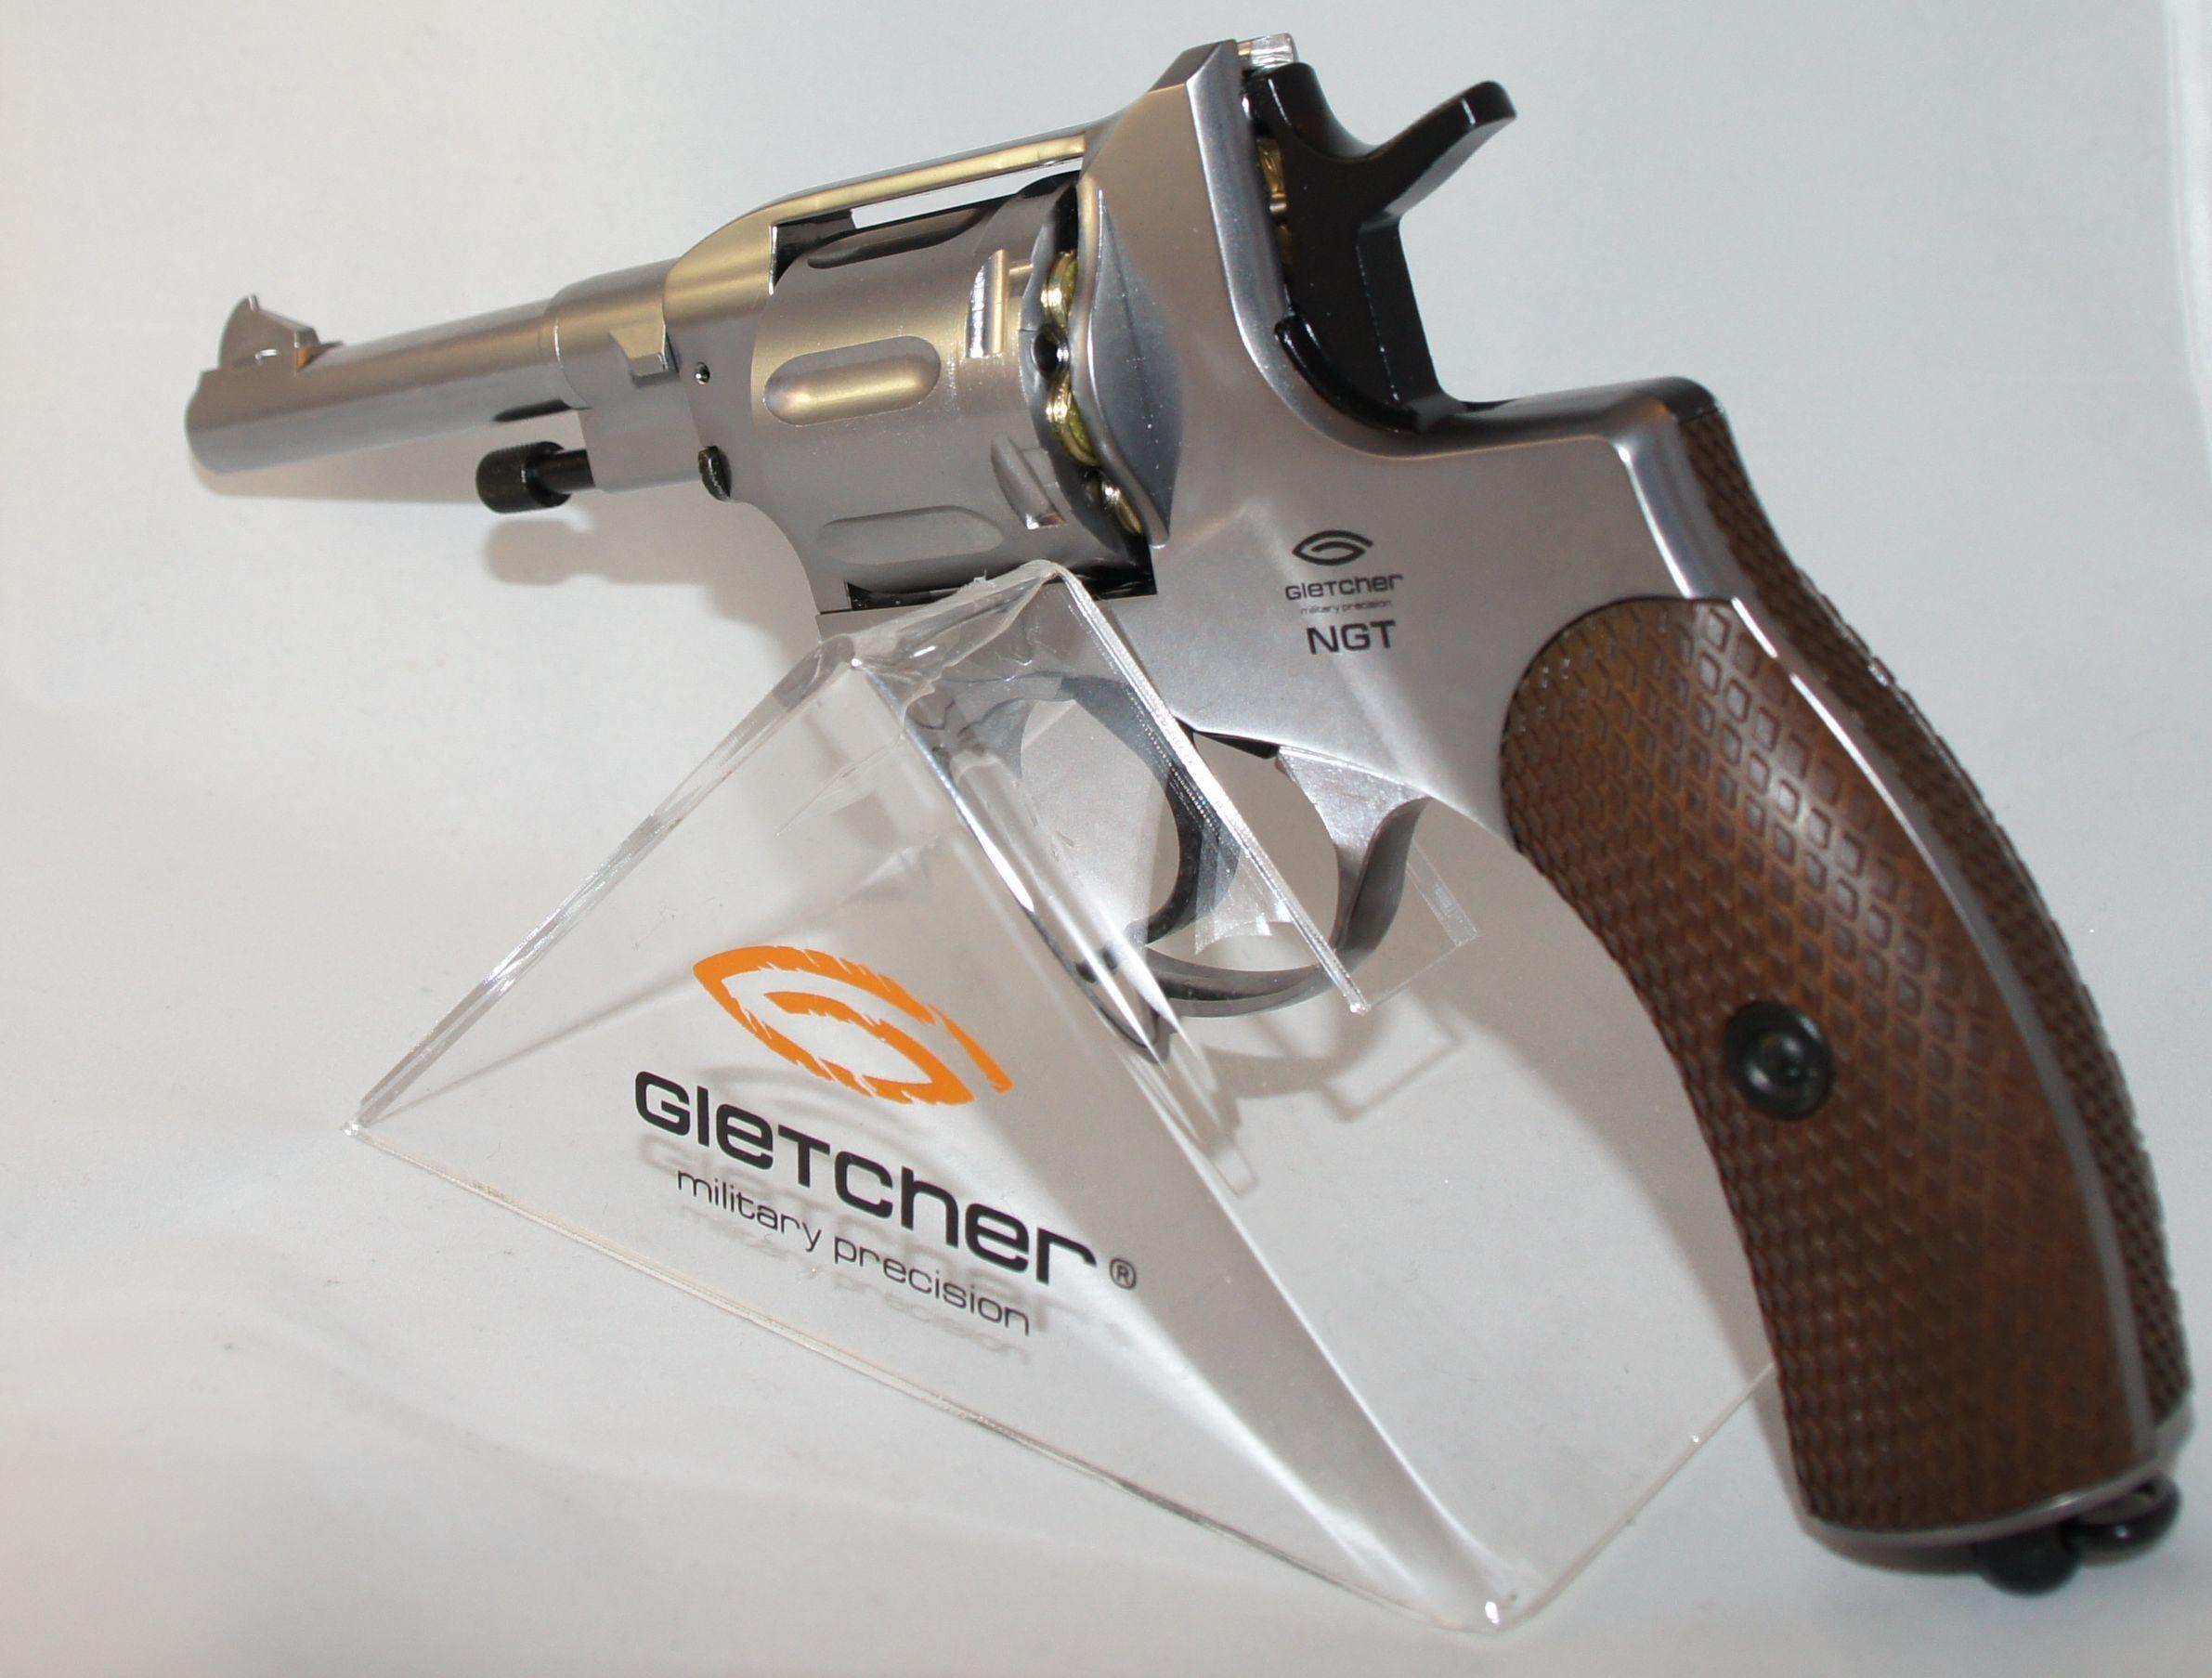 Револьвер Gletcher NGT F Silver